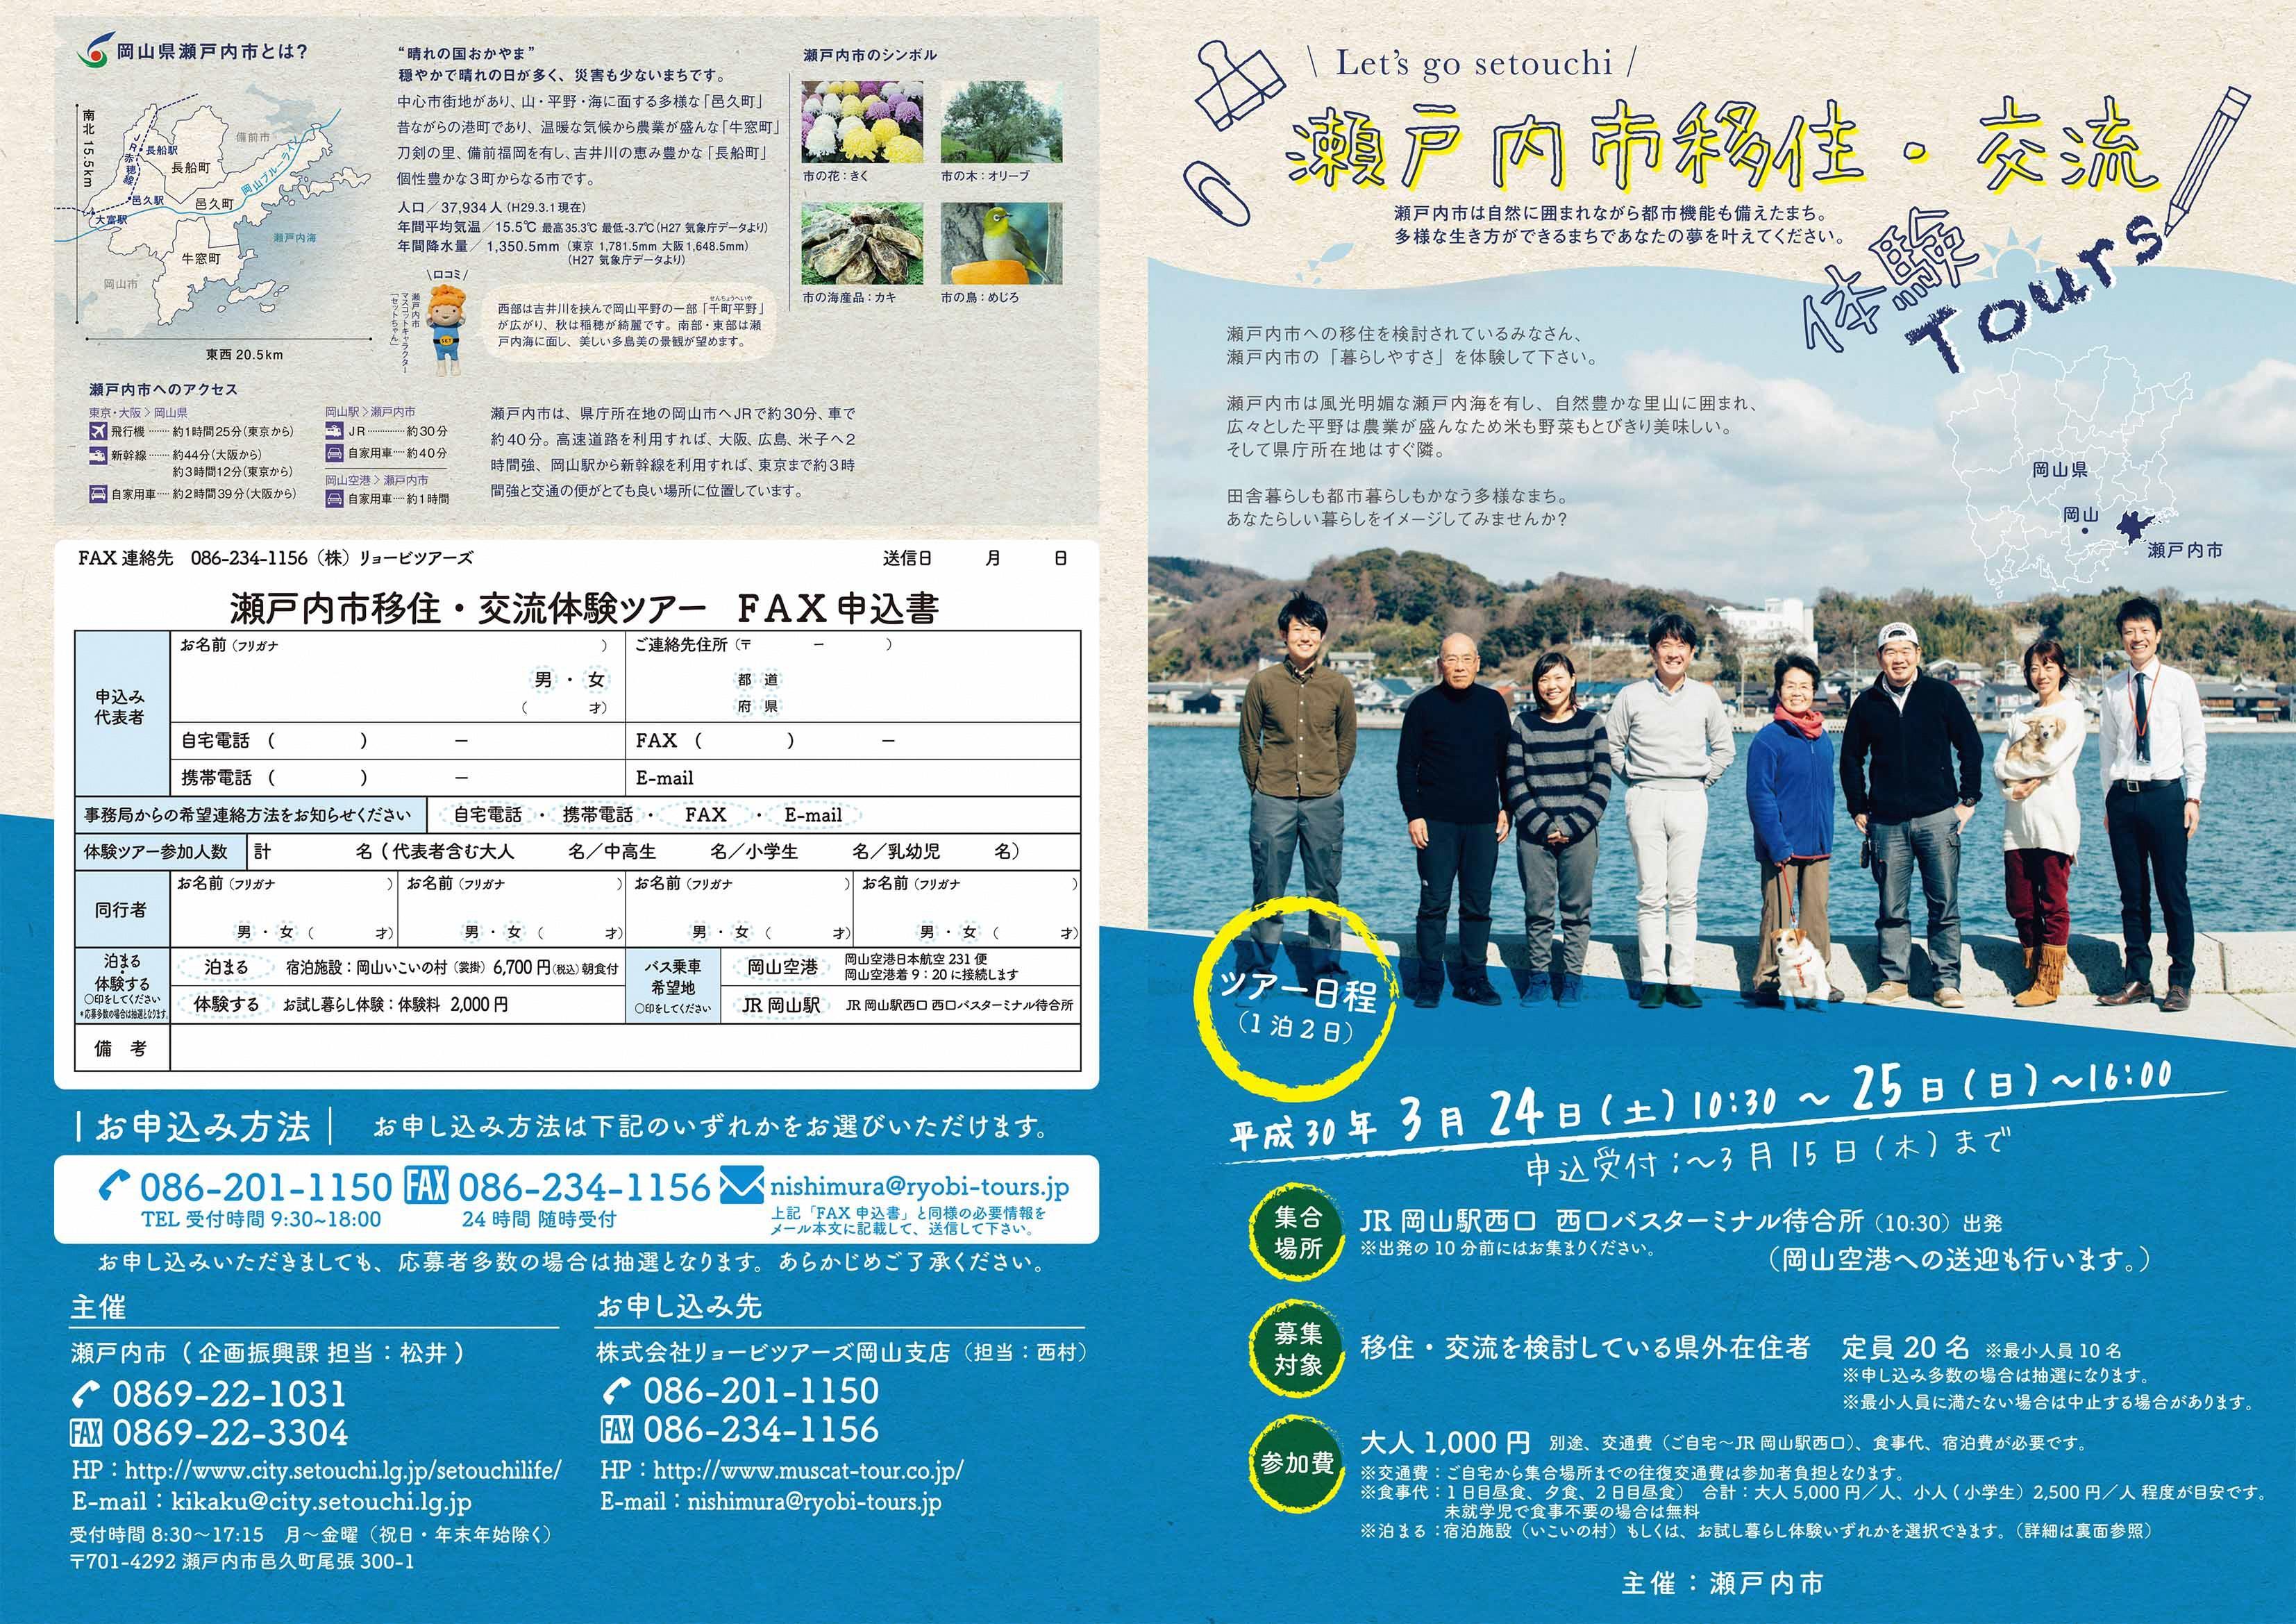 【参加者募集】瀬戸内市移住・交流体験ツアーを行います (2018年3月24日-25日開催)